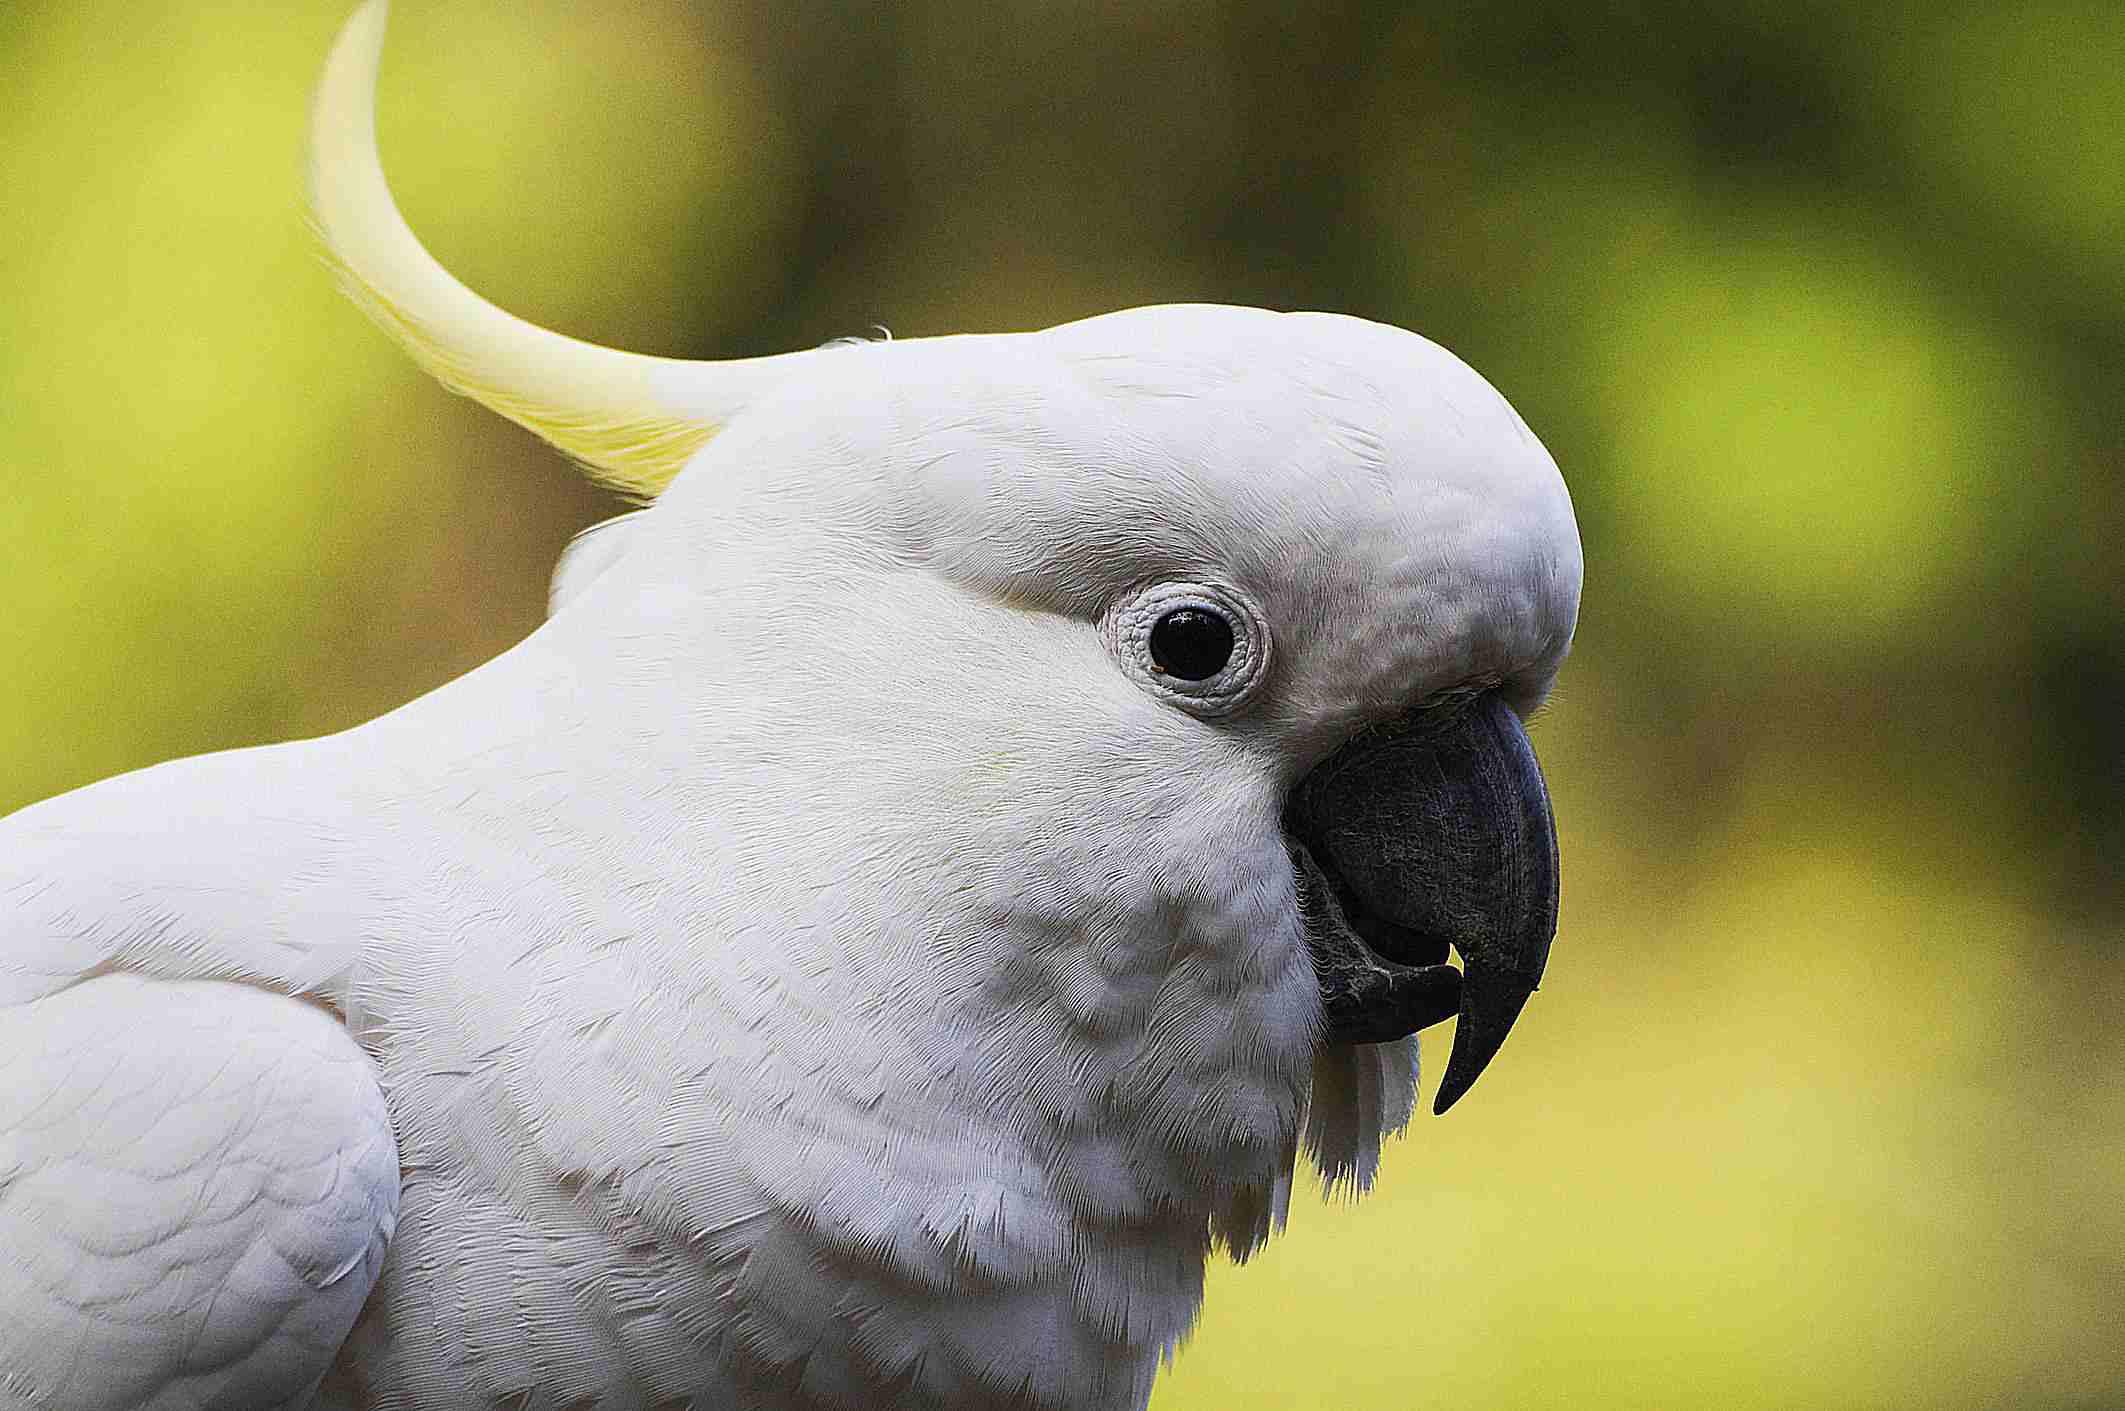 Close-up shot of a cockatoo